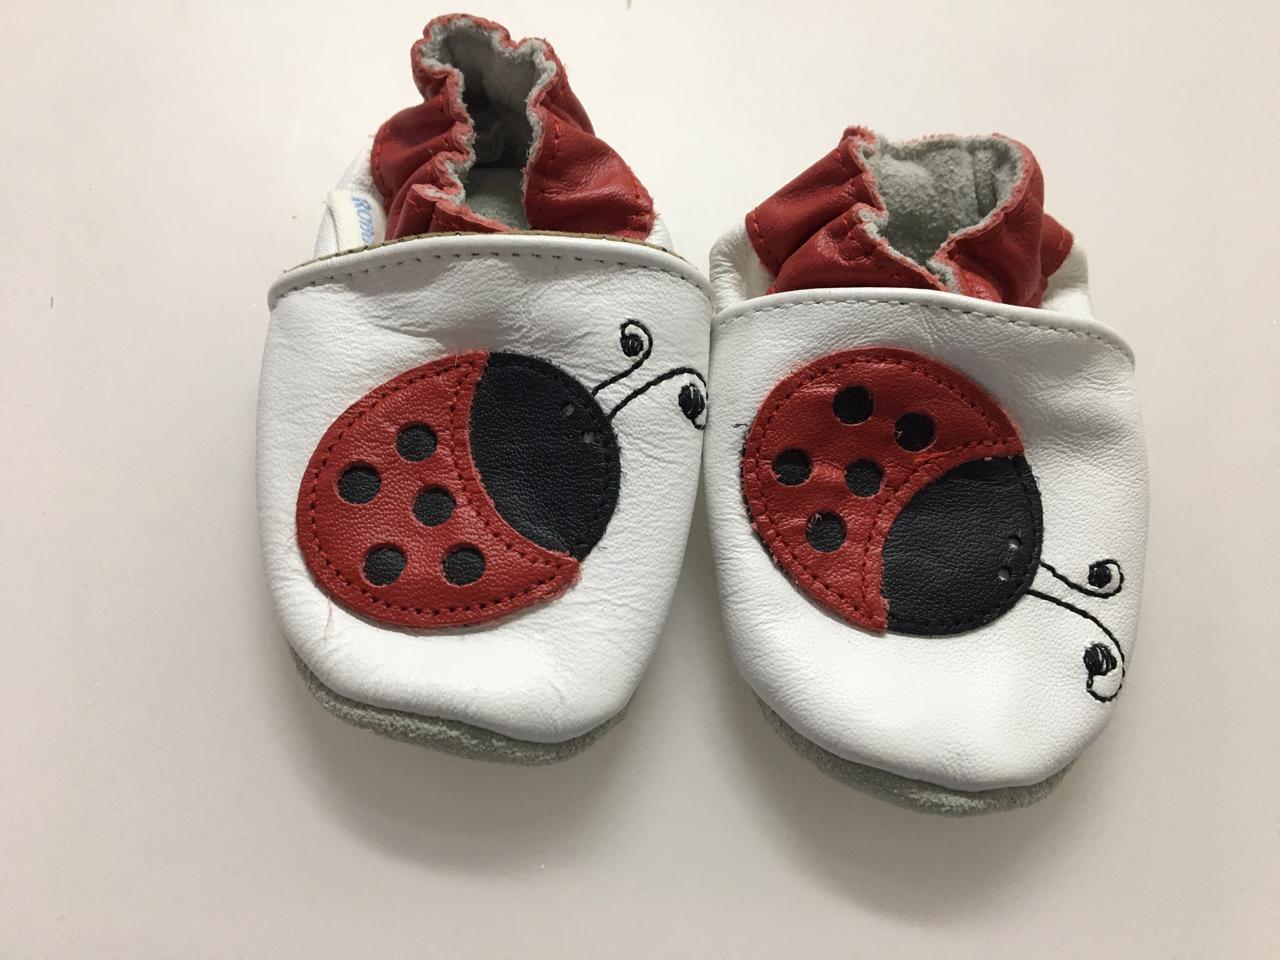 (가격내림) 로비즈(Robeez) 직구 신발